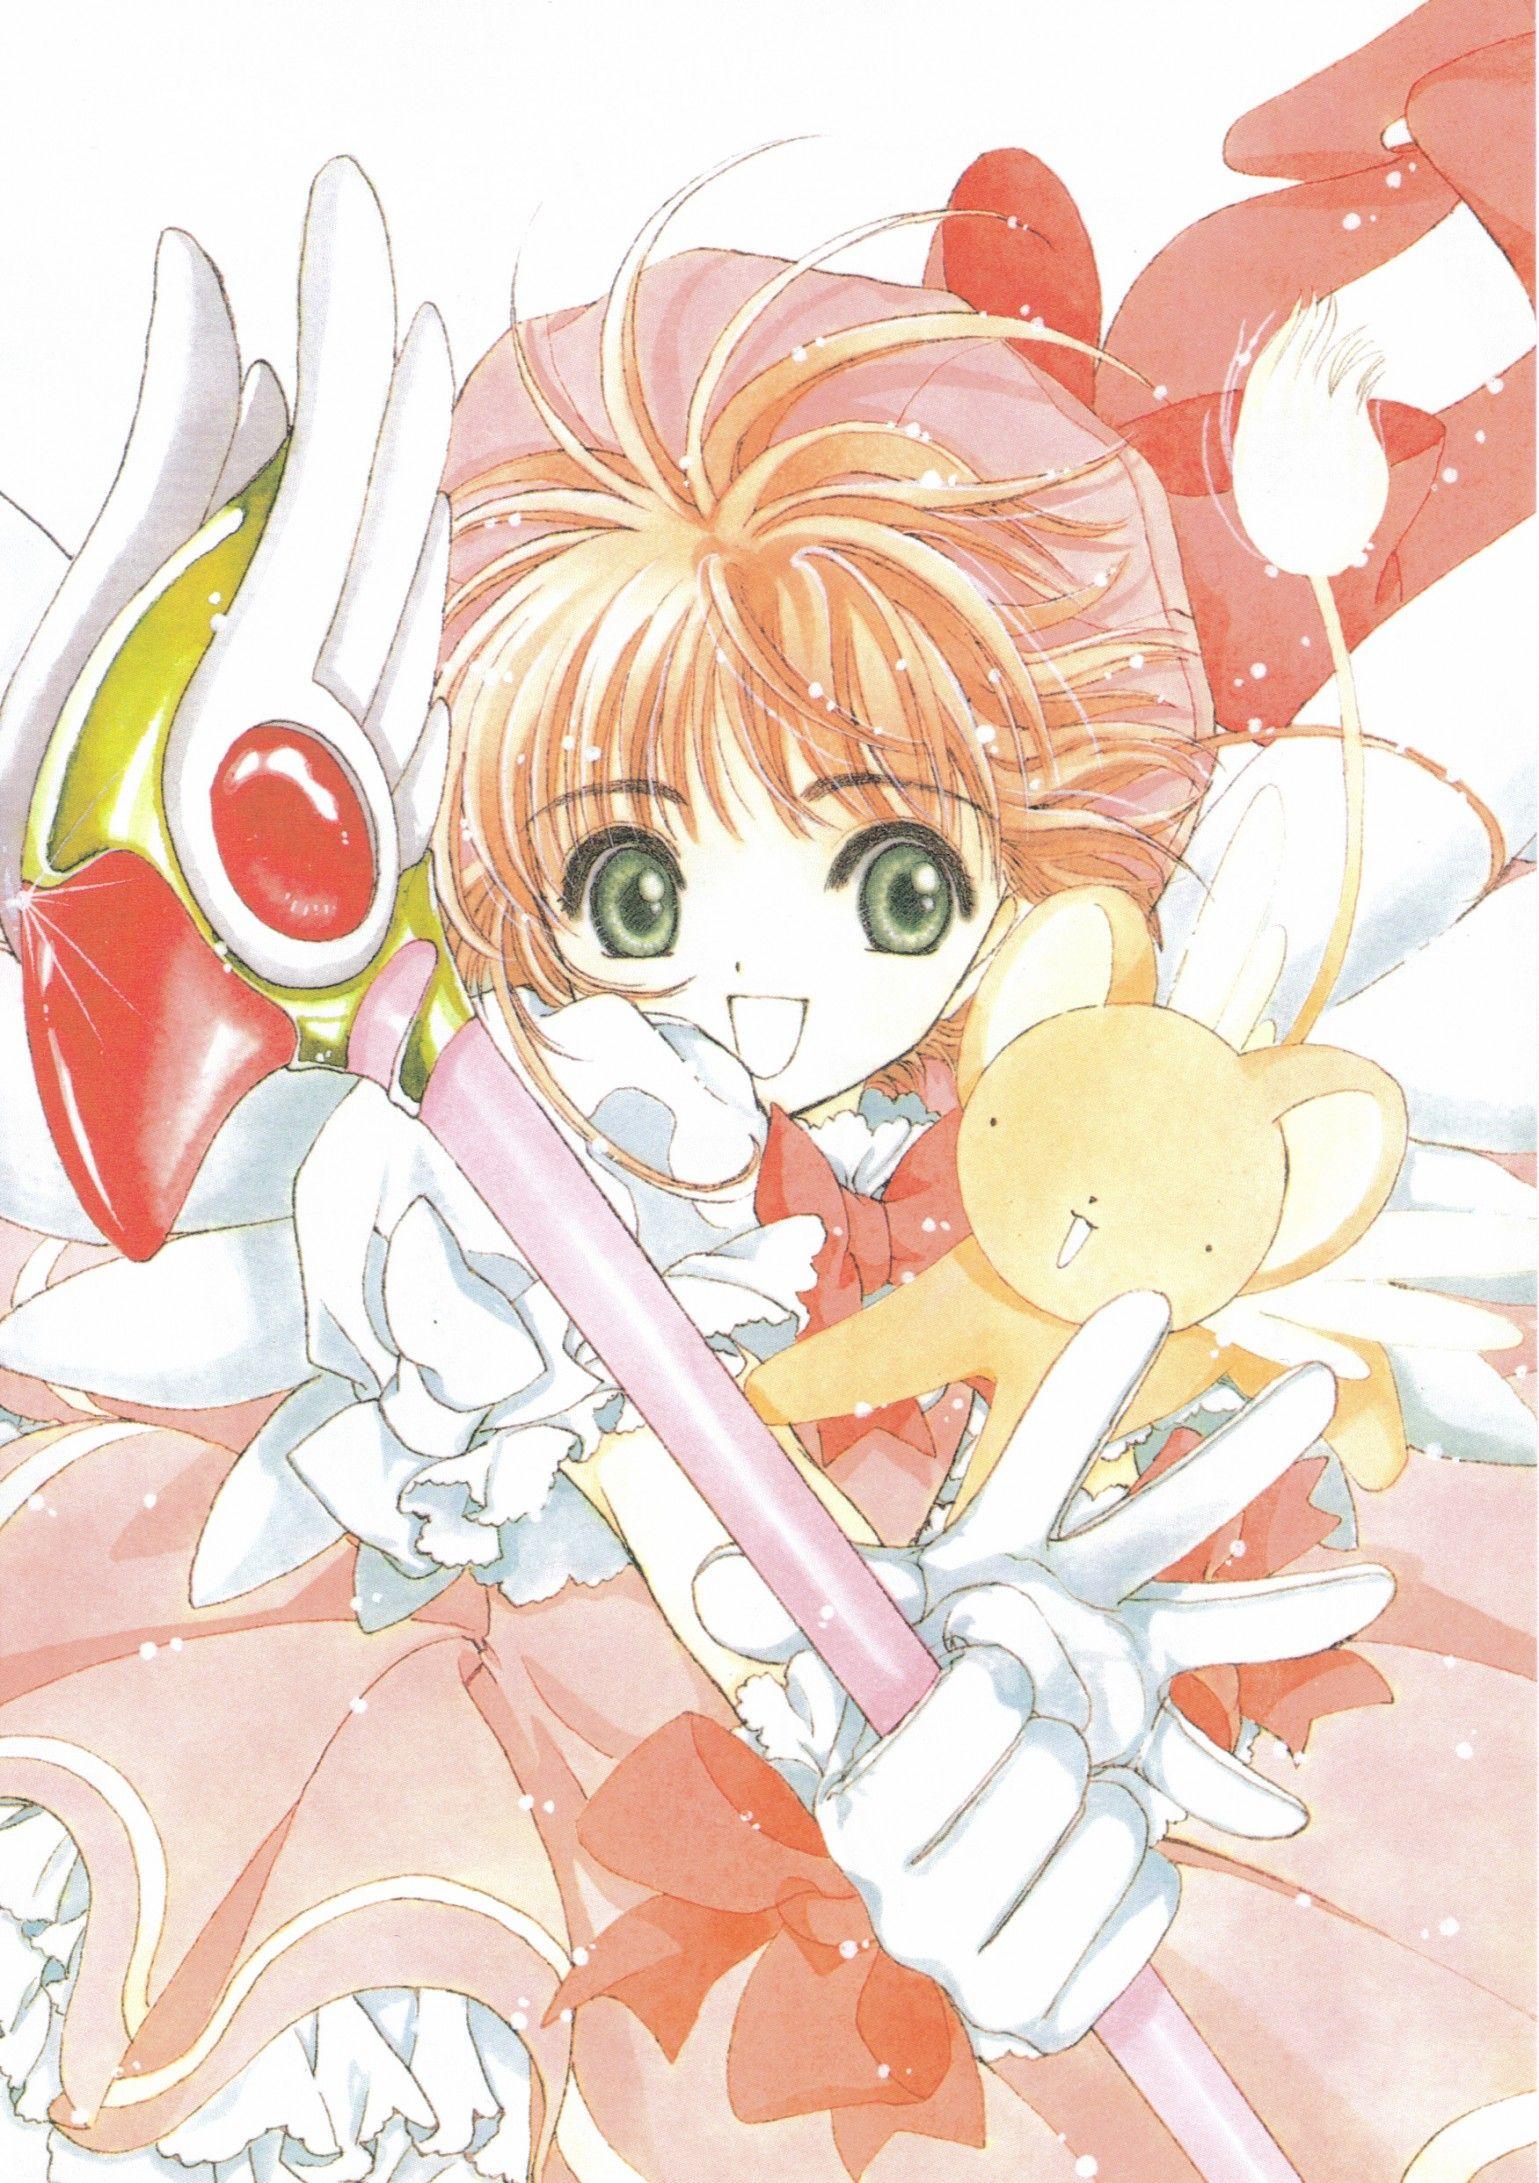 Cardcaptor Sakura/#27675 - Zerochan